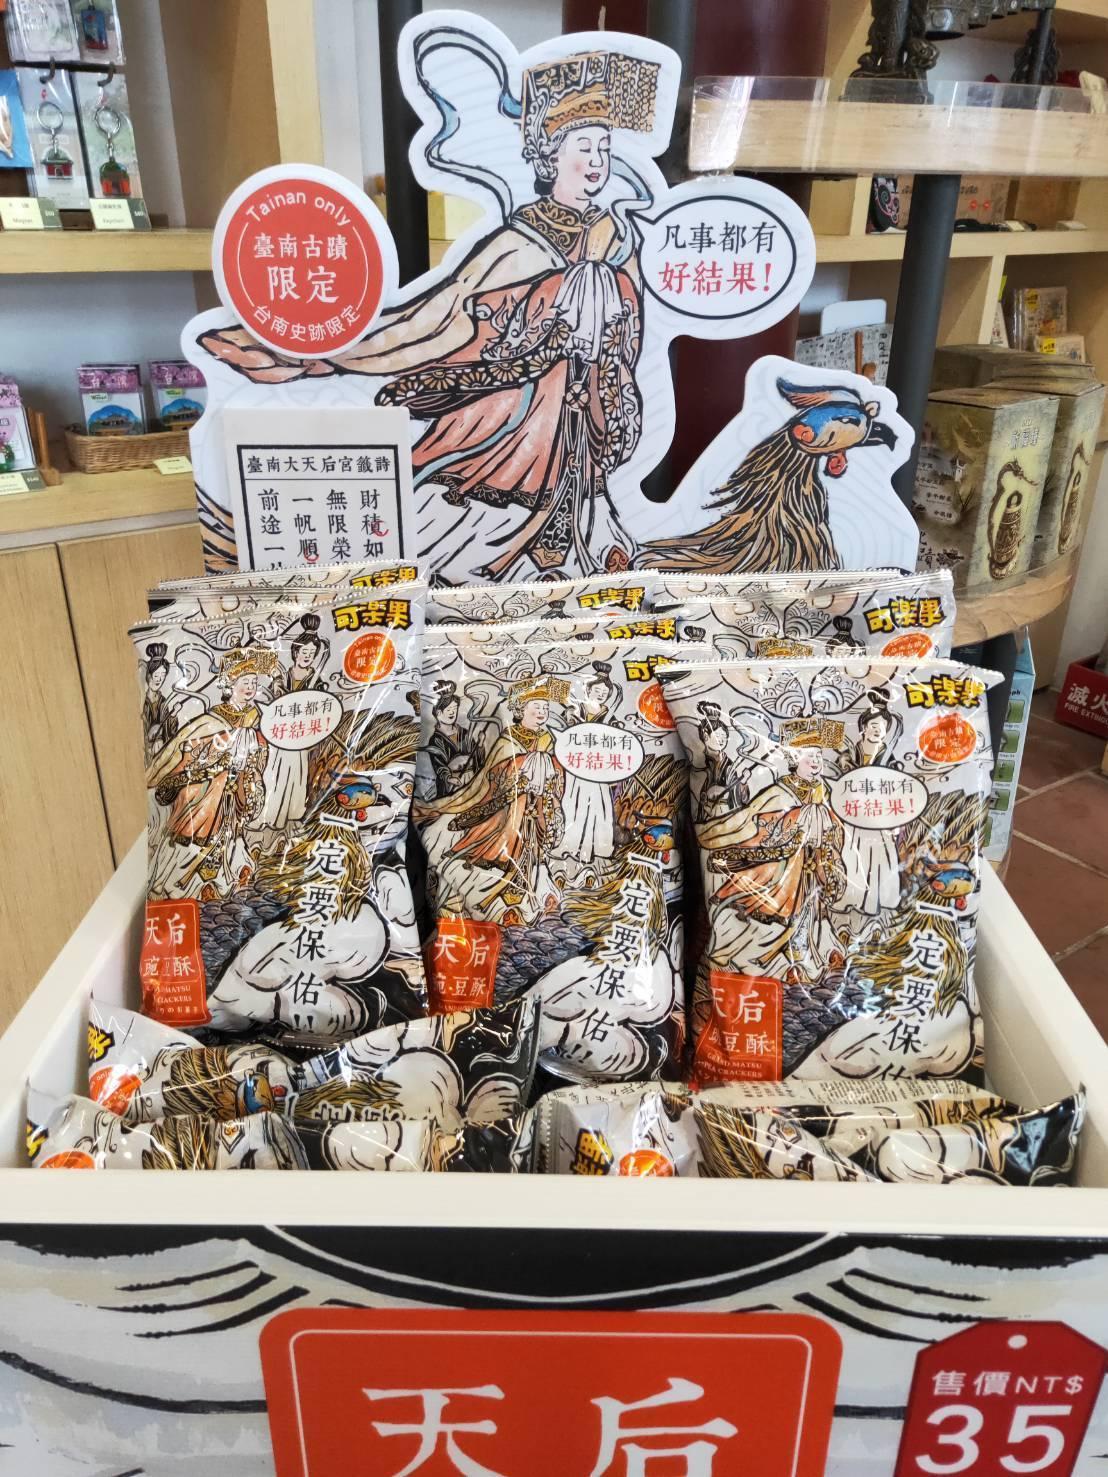 台南市文化局再推古蹟限量商品,這次是由媽祖代言的「天后豌豆酥」。圖/文化局提供